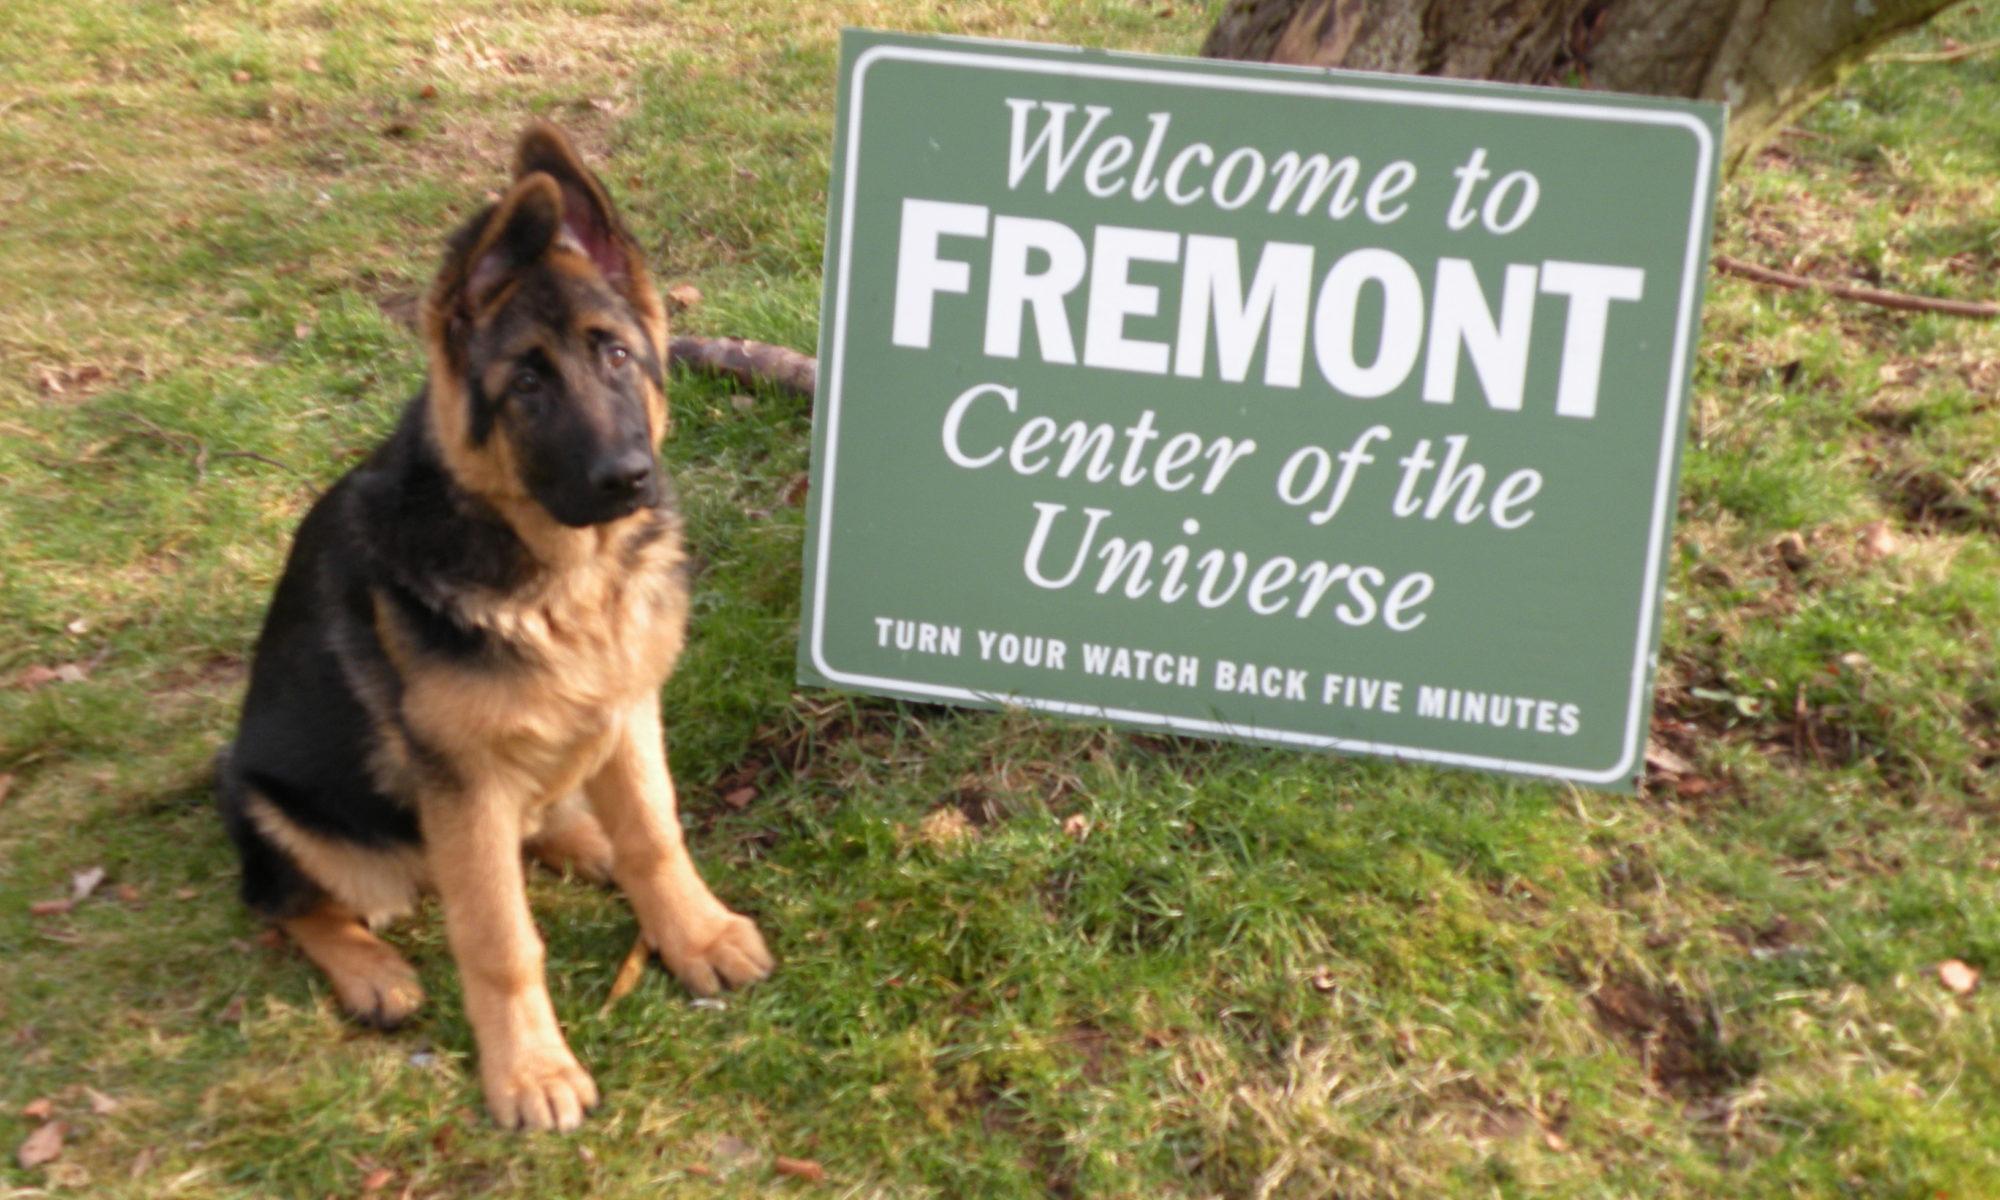 THE FREMONT TOUR